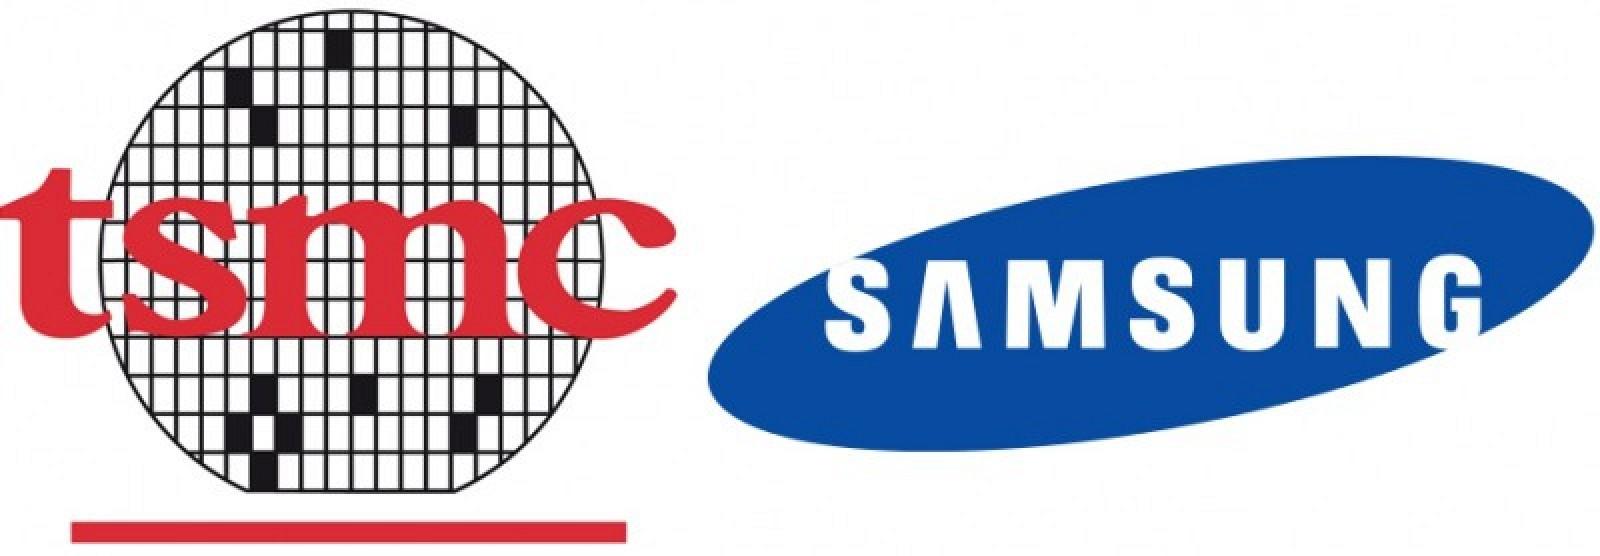 tsmc-vs-samsung1